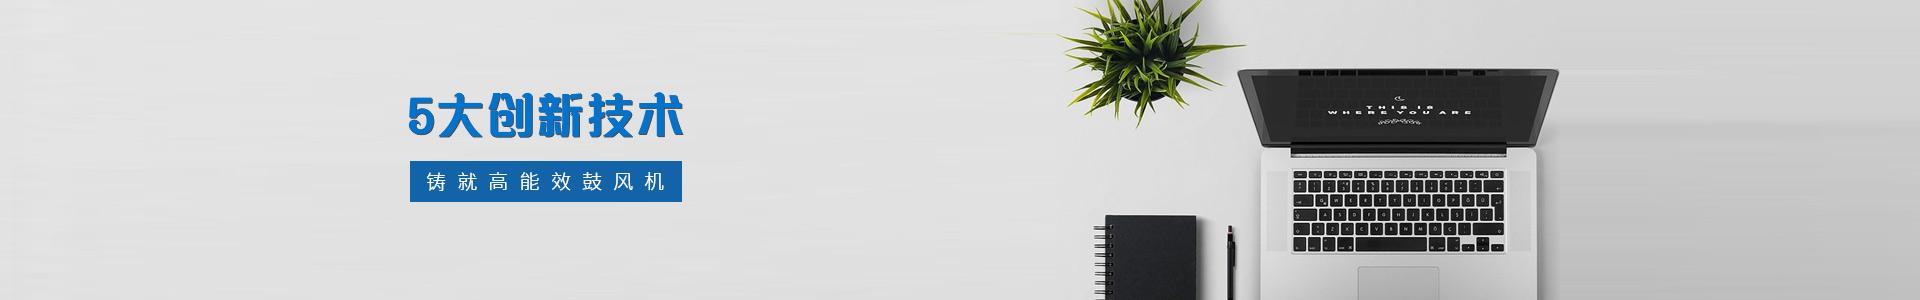 恩拓博 5大创新技术 铸就高能效鼓风机